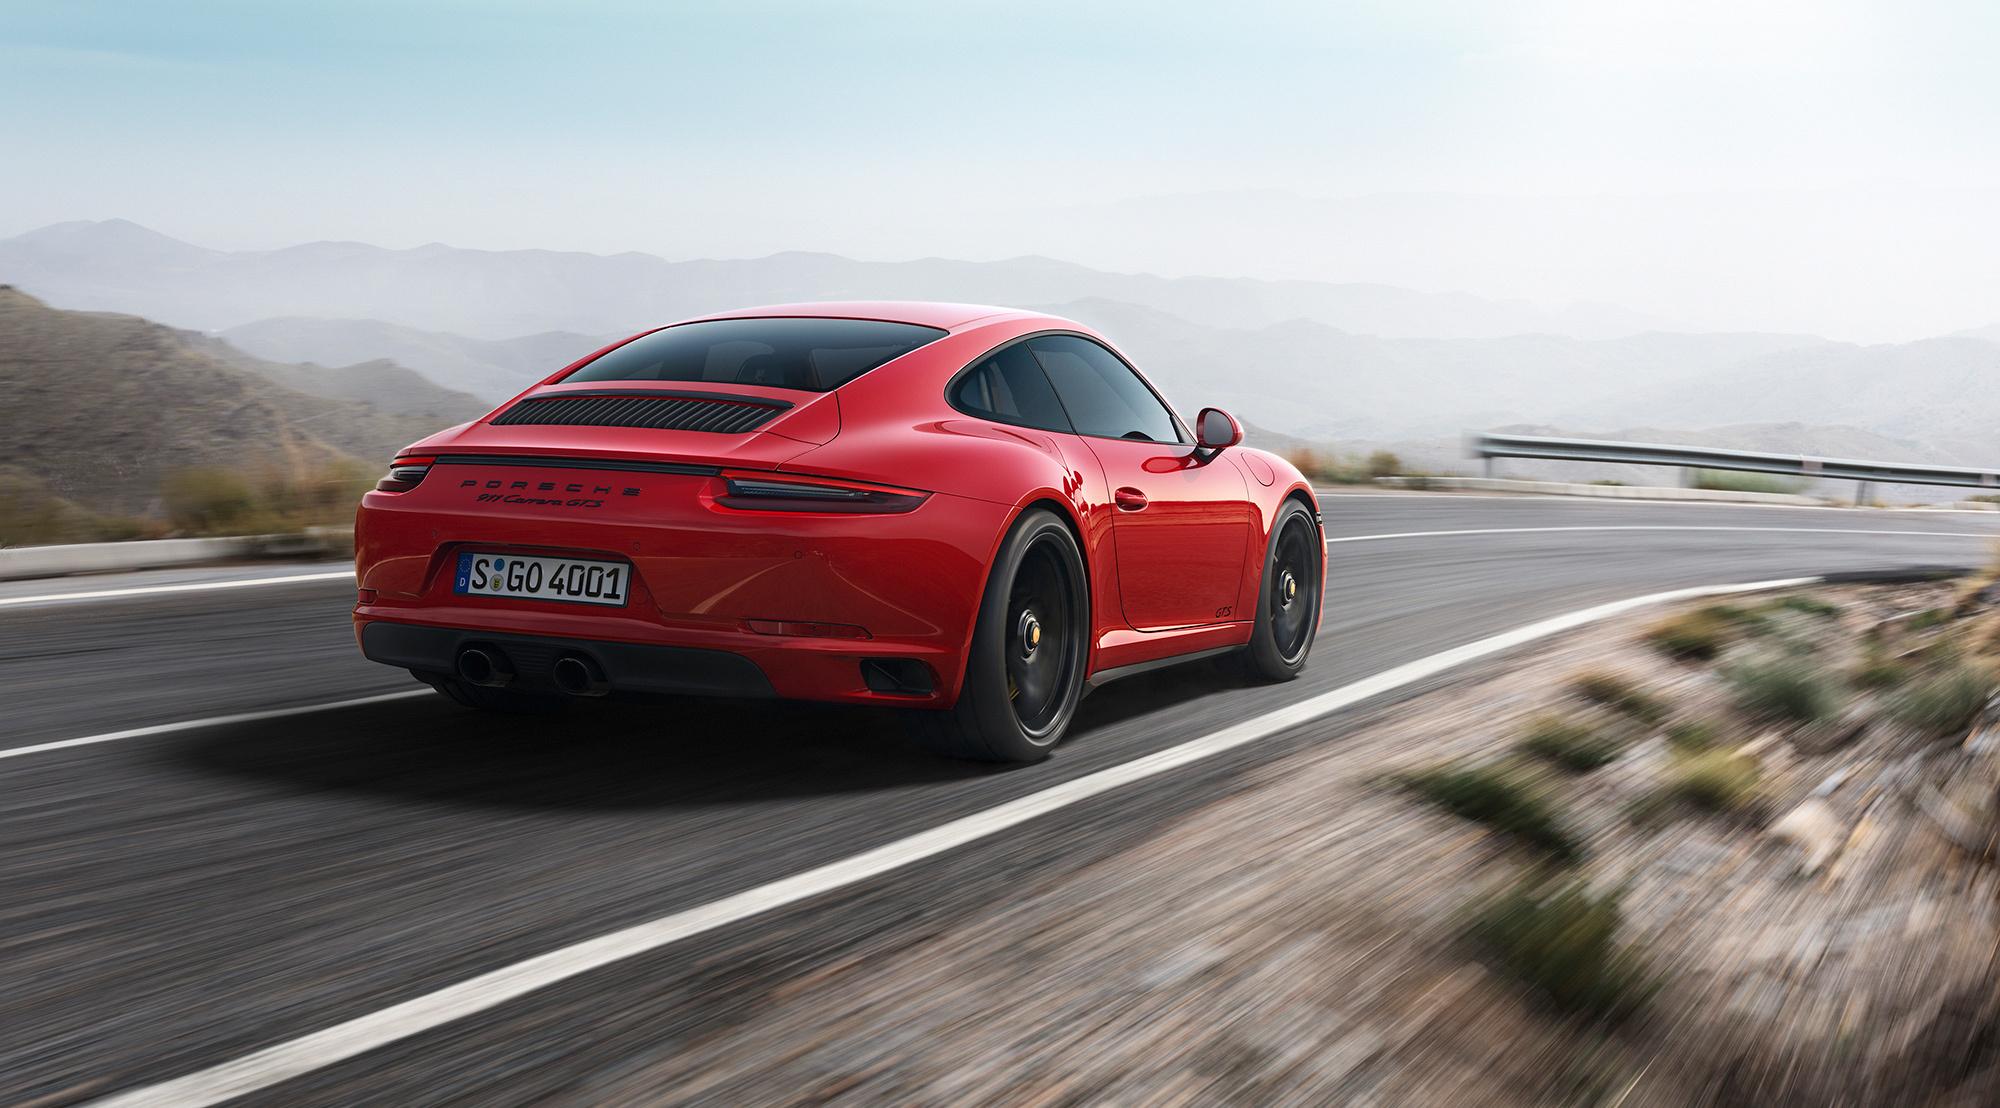 Porsche 911 Gts Cabriolet Wallpapers Hd